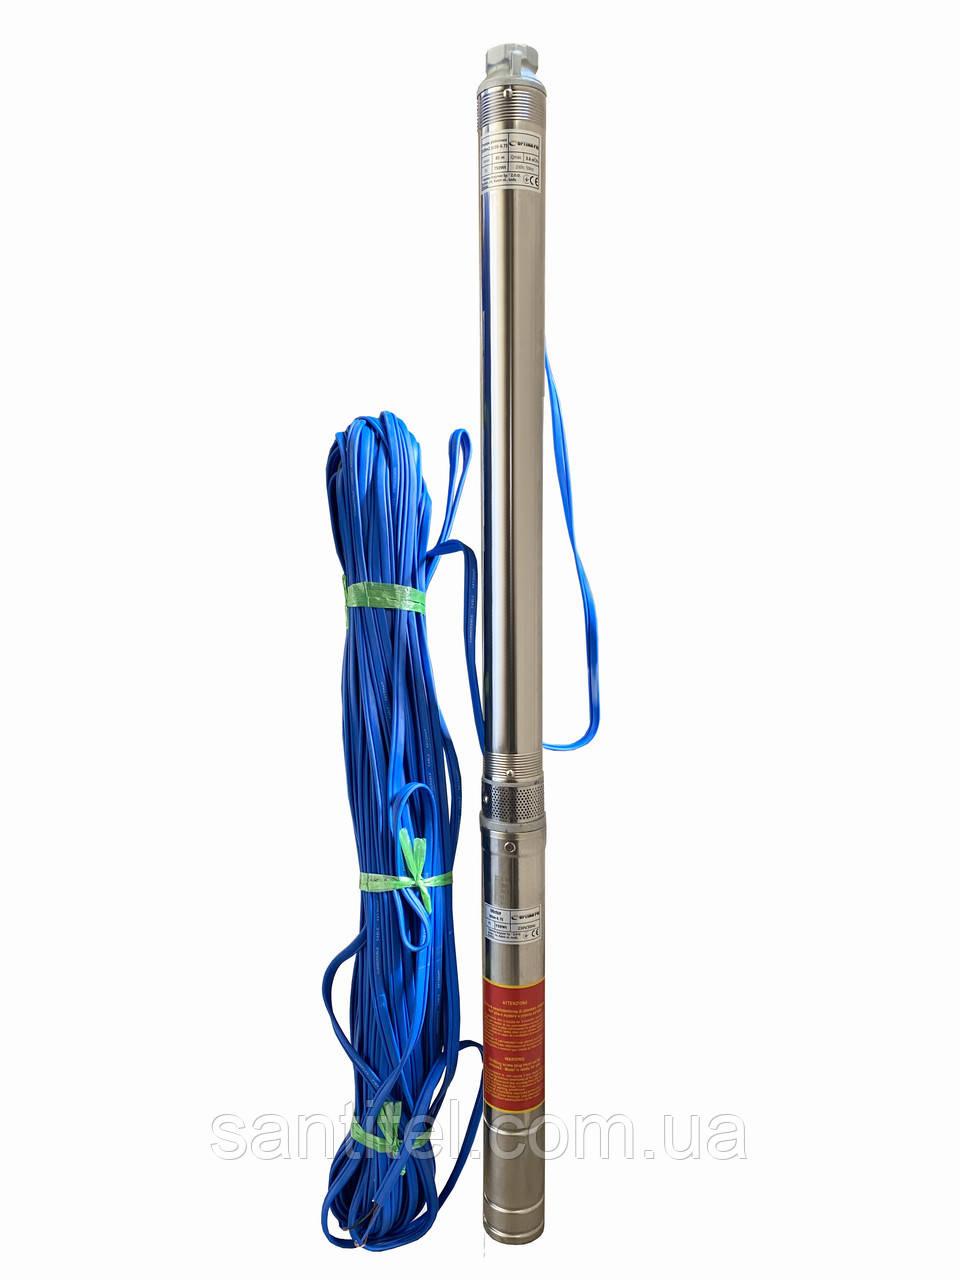 Насос скважинный с повышенной уст-тью к песку OPTIMA PM 3SDm2.5/20 0.75 кВт 90м + 70 м кабель